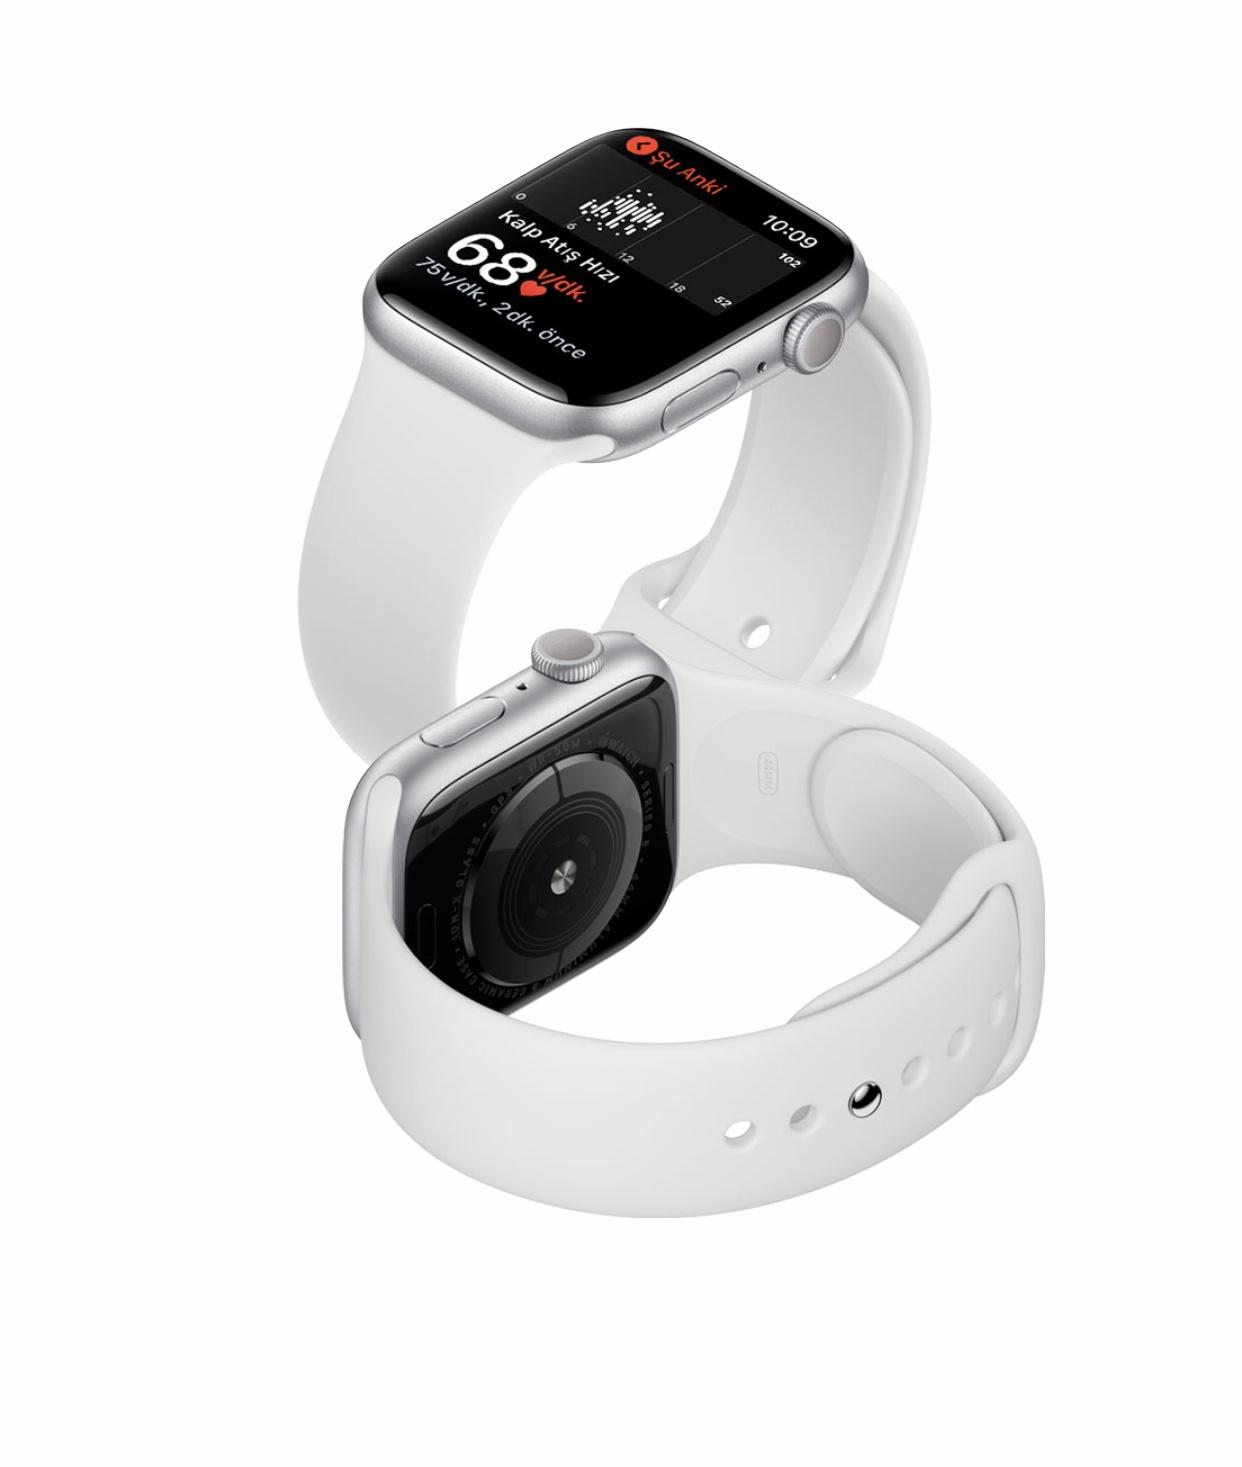 Apple Watch Series 5 Bu Akıllı Saat hiçbir saate benzemiyor